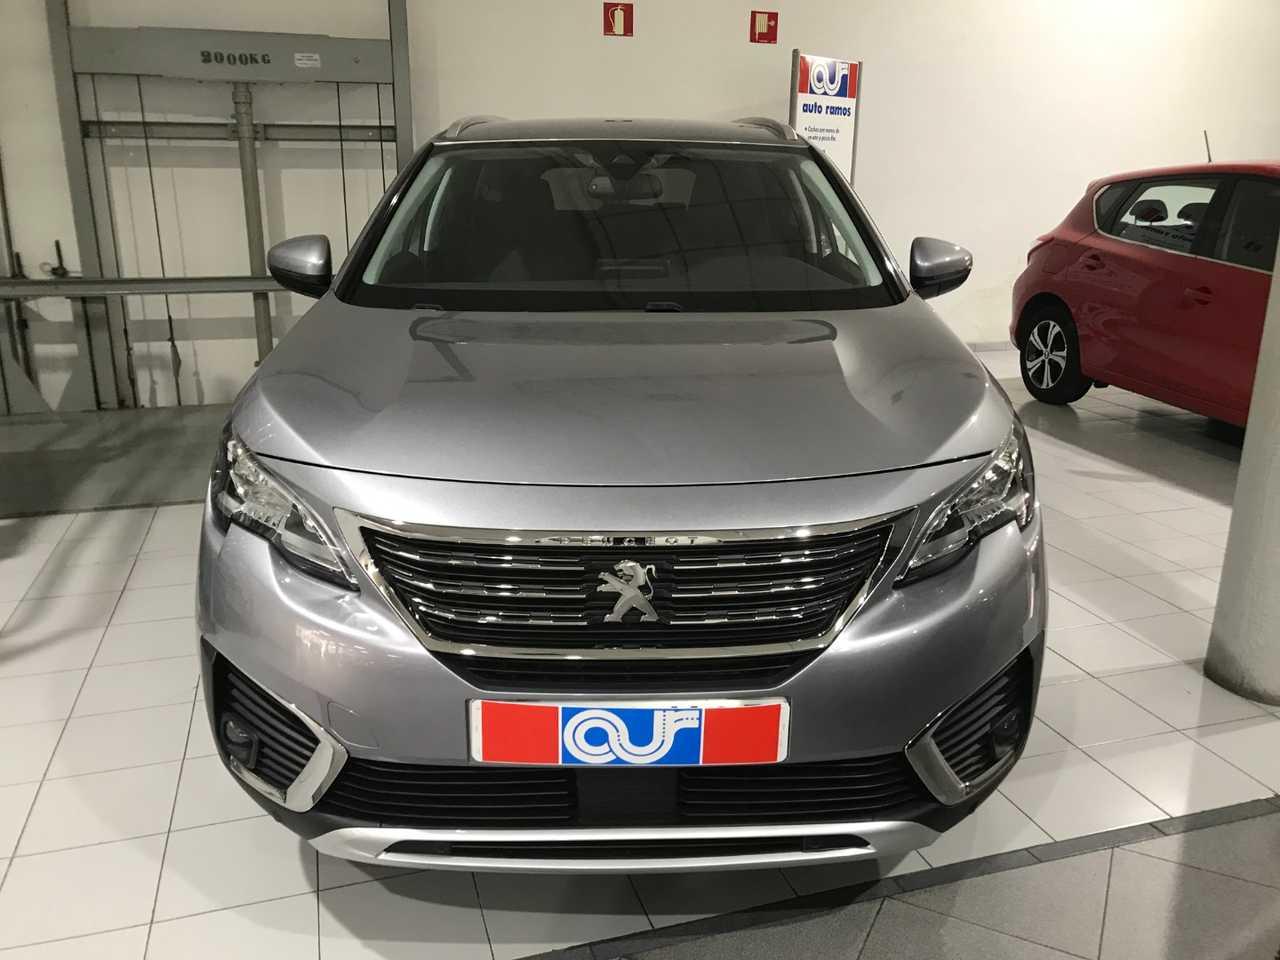 Peugeot 5008 ALLURE  1.5 BLUEHDI 130 CV S&S 5P 7 PLAZAS   - Foto 1